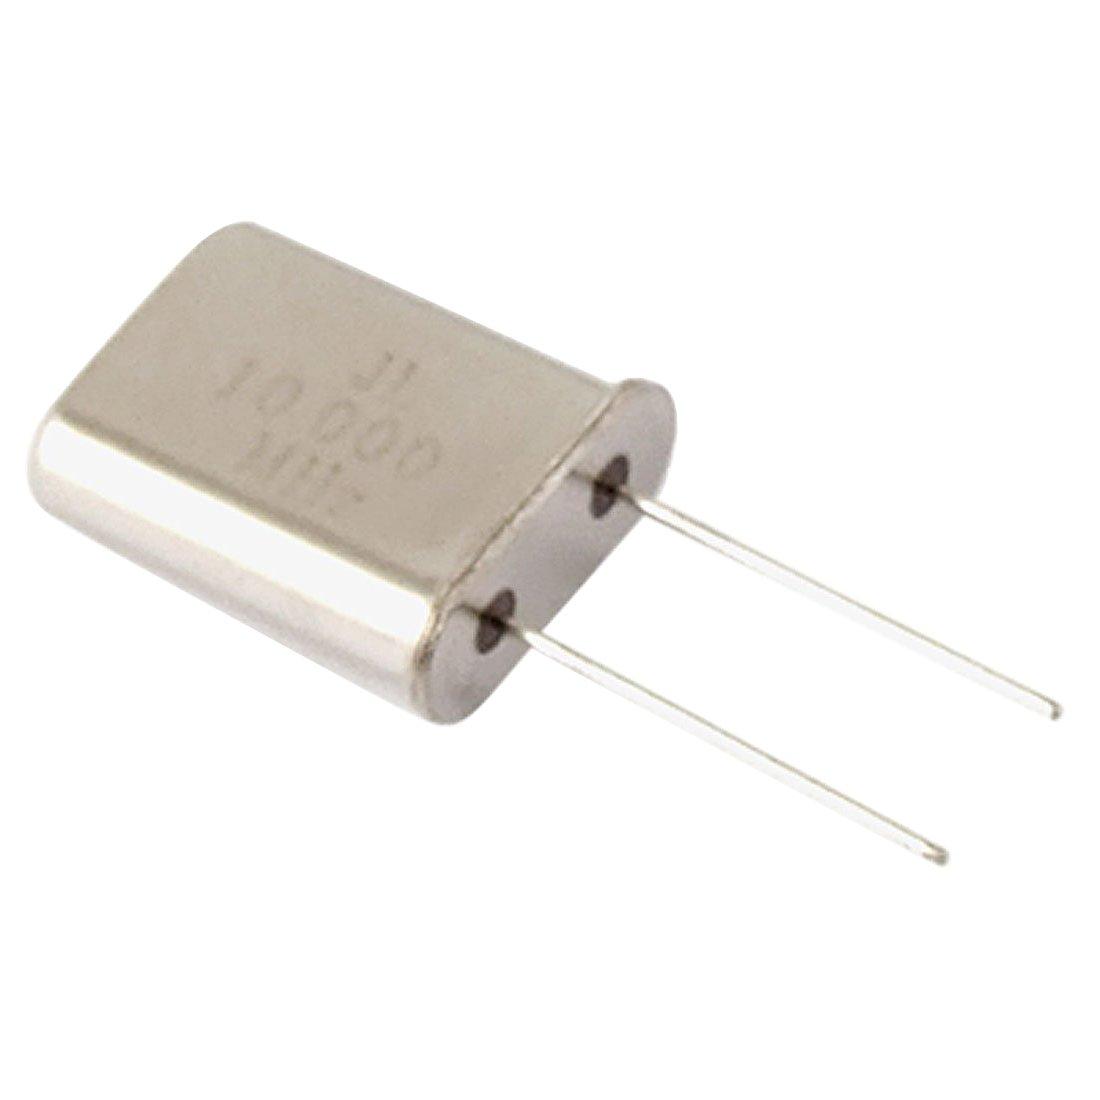 Crystal Oscillator - SODIAL(R) 10 x 10.000 MHz 10 MHz Crystal Oscillator HC-49U Low Profile